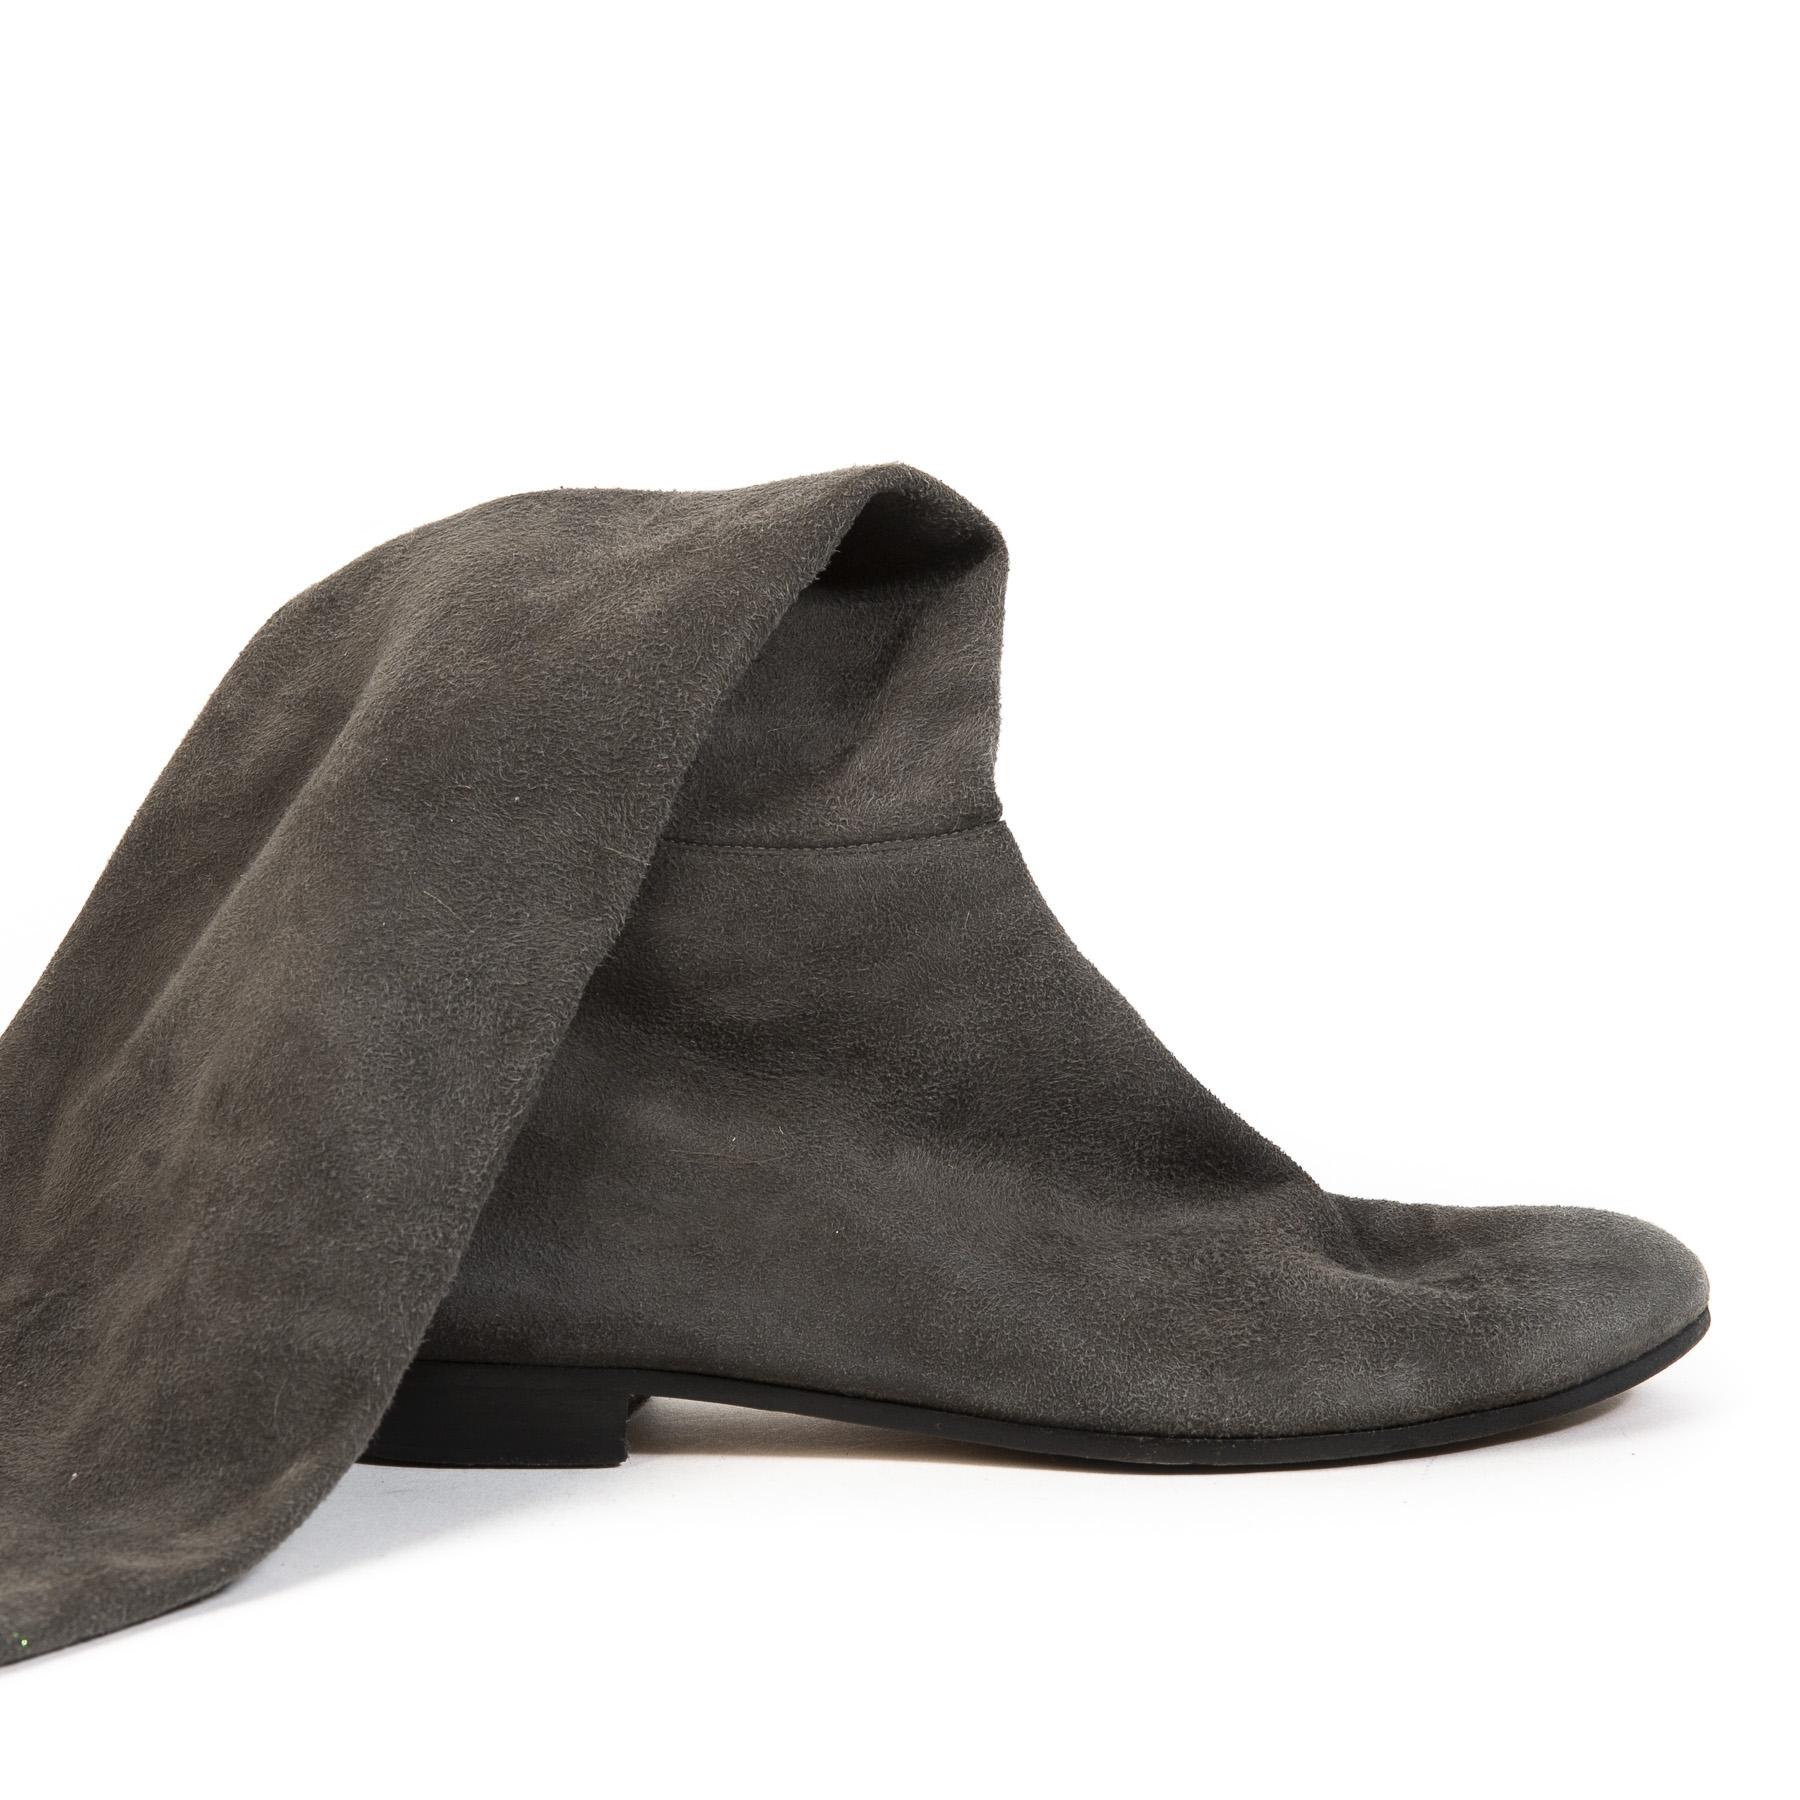 koop Jimmy Choo laarzen aan de beste prijs bij labellov